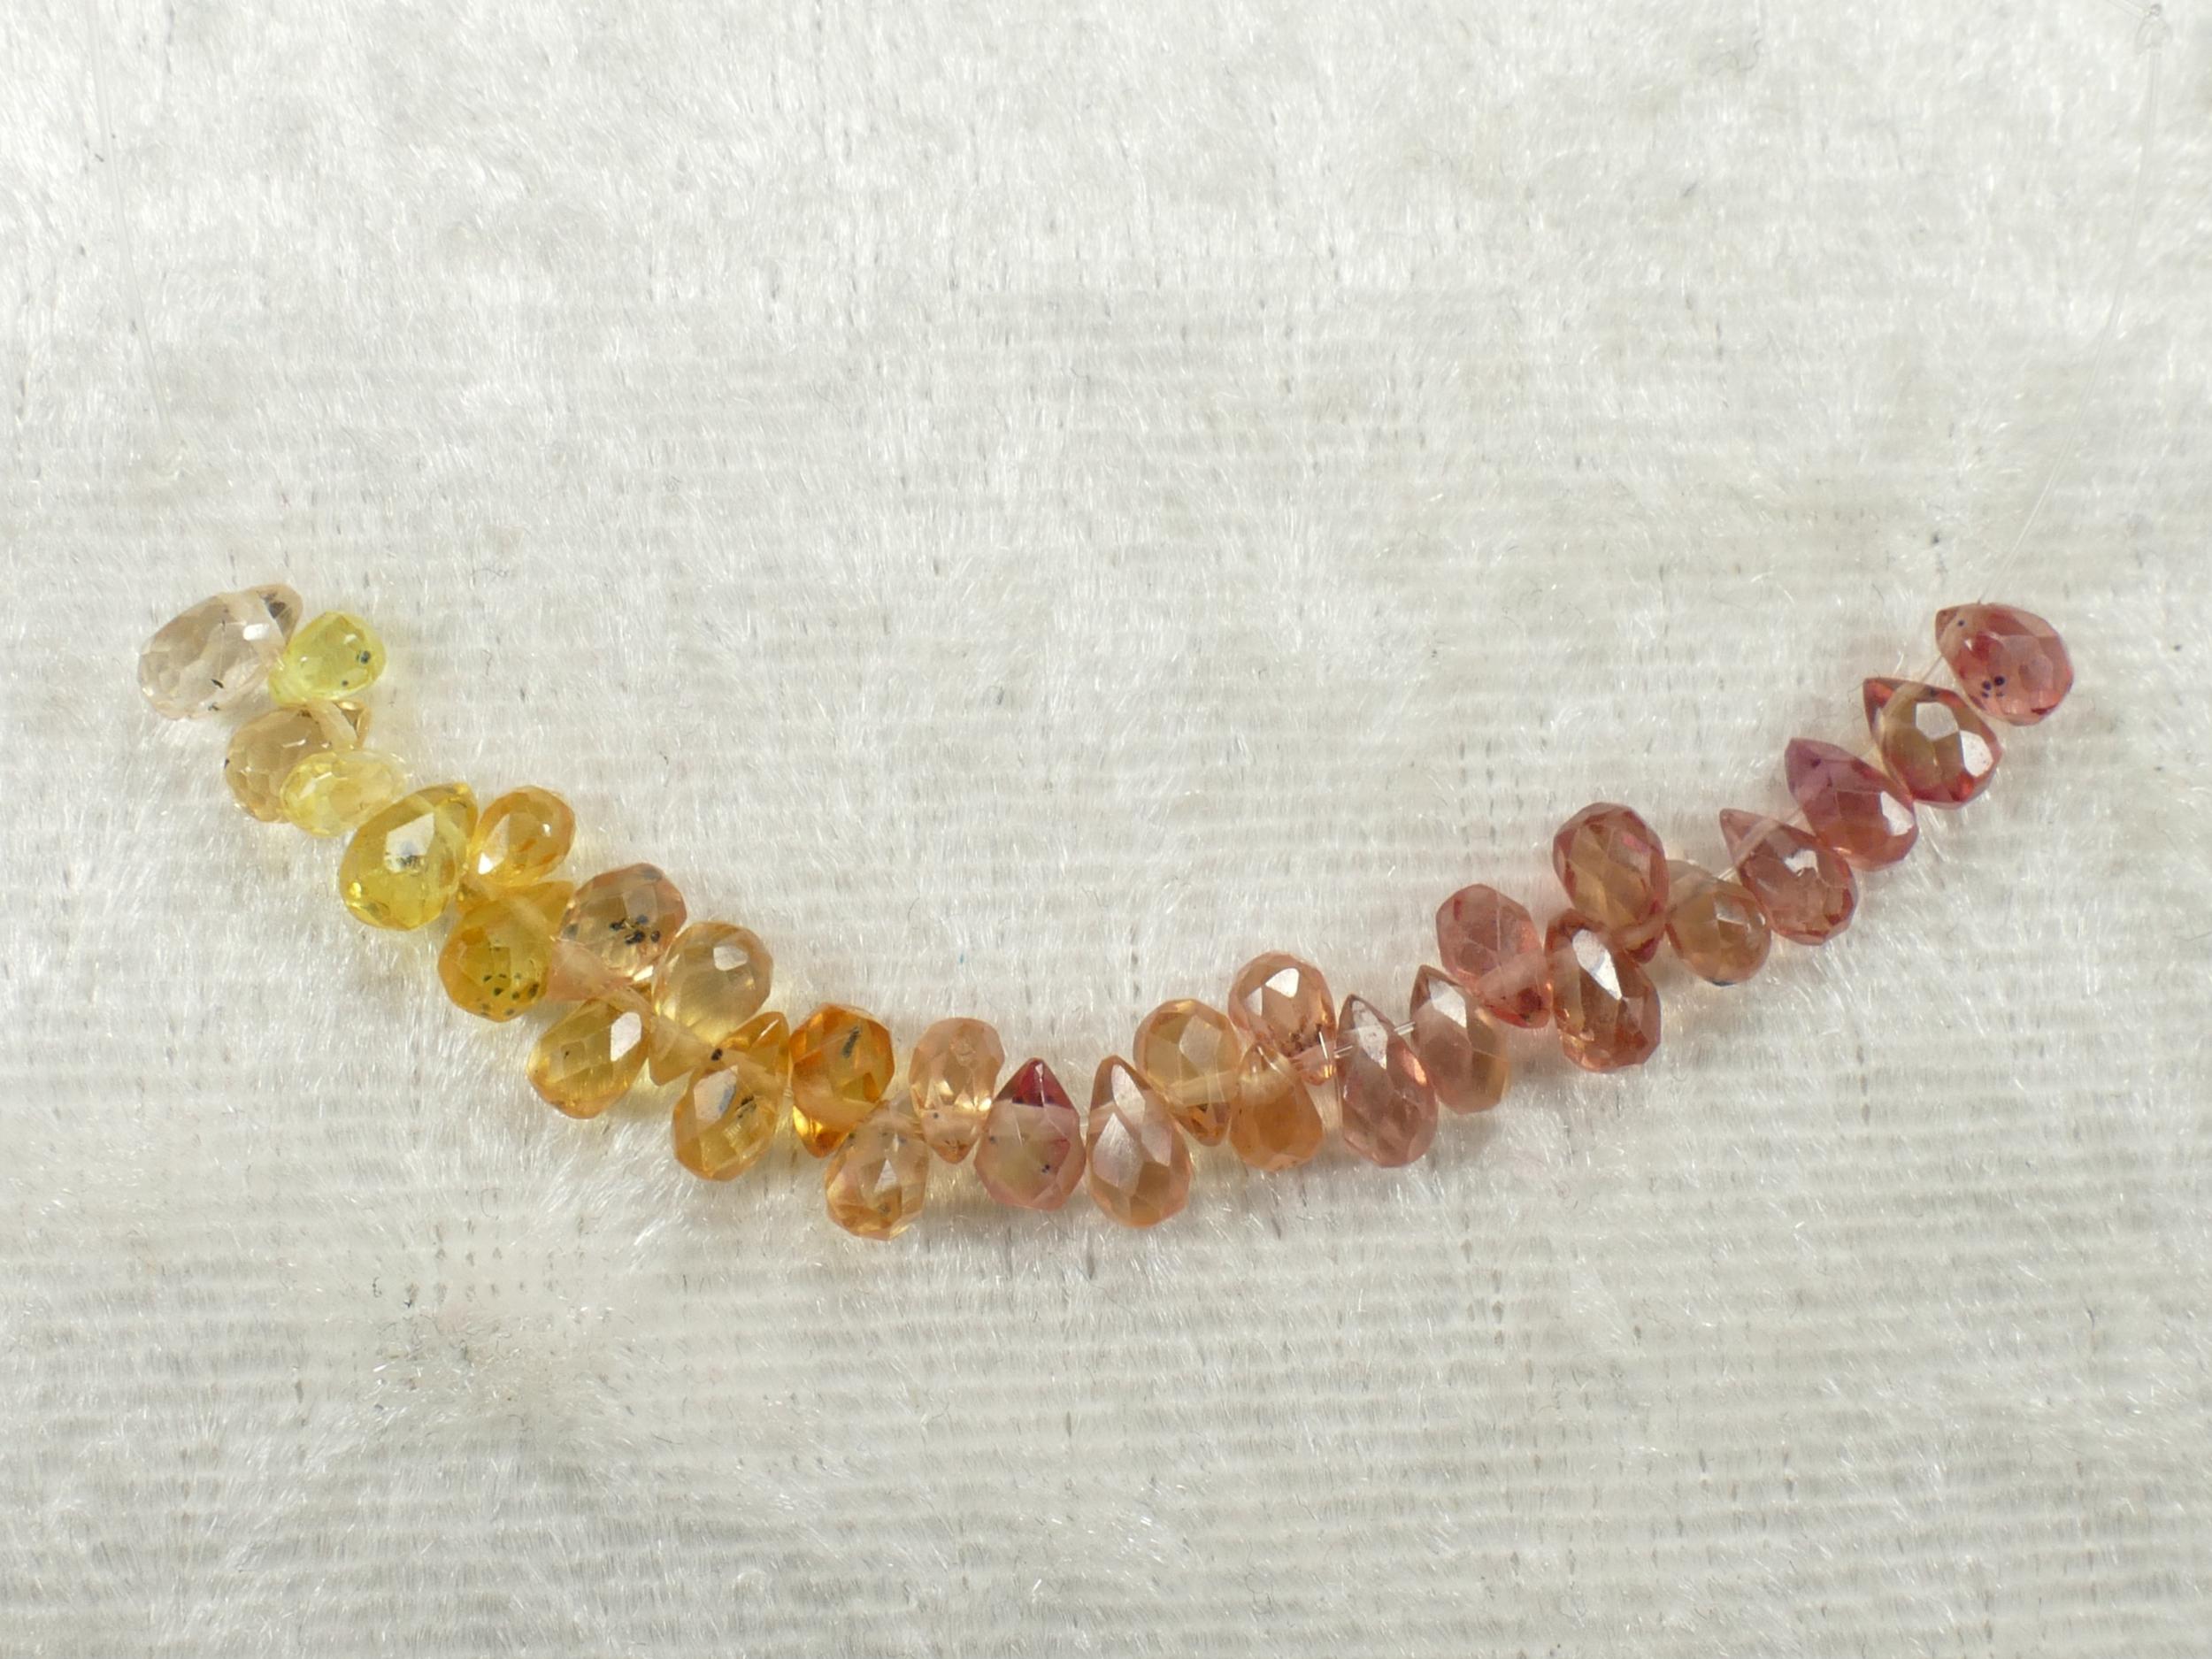 29 petits Saphir naturel perle briolette larme facetté Madagascar orange rose doré padparadscha (#PK389)